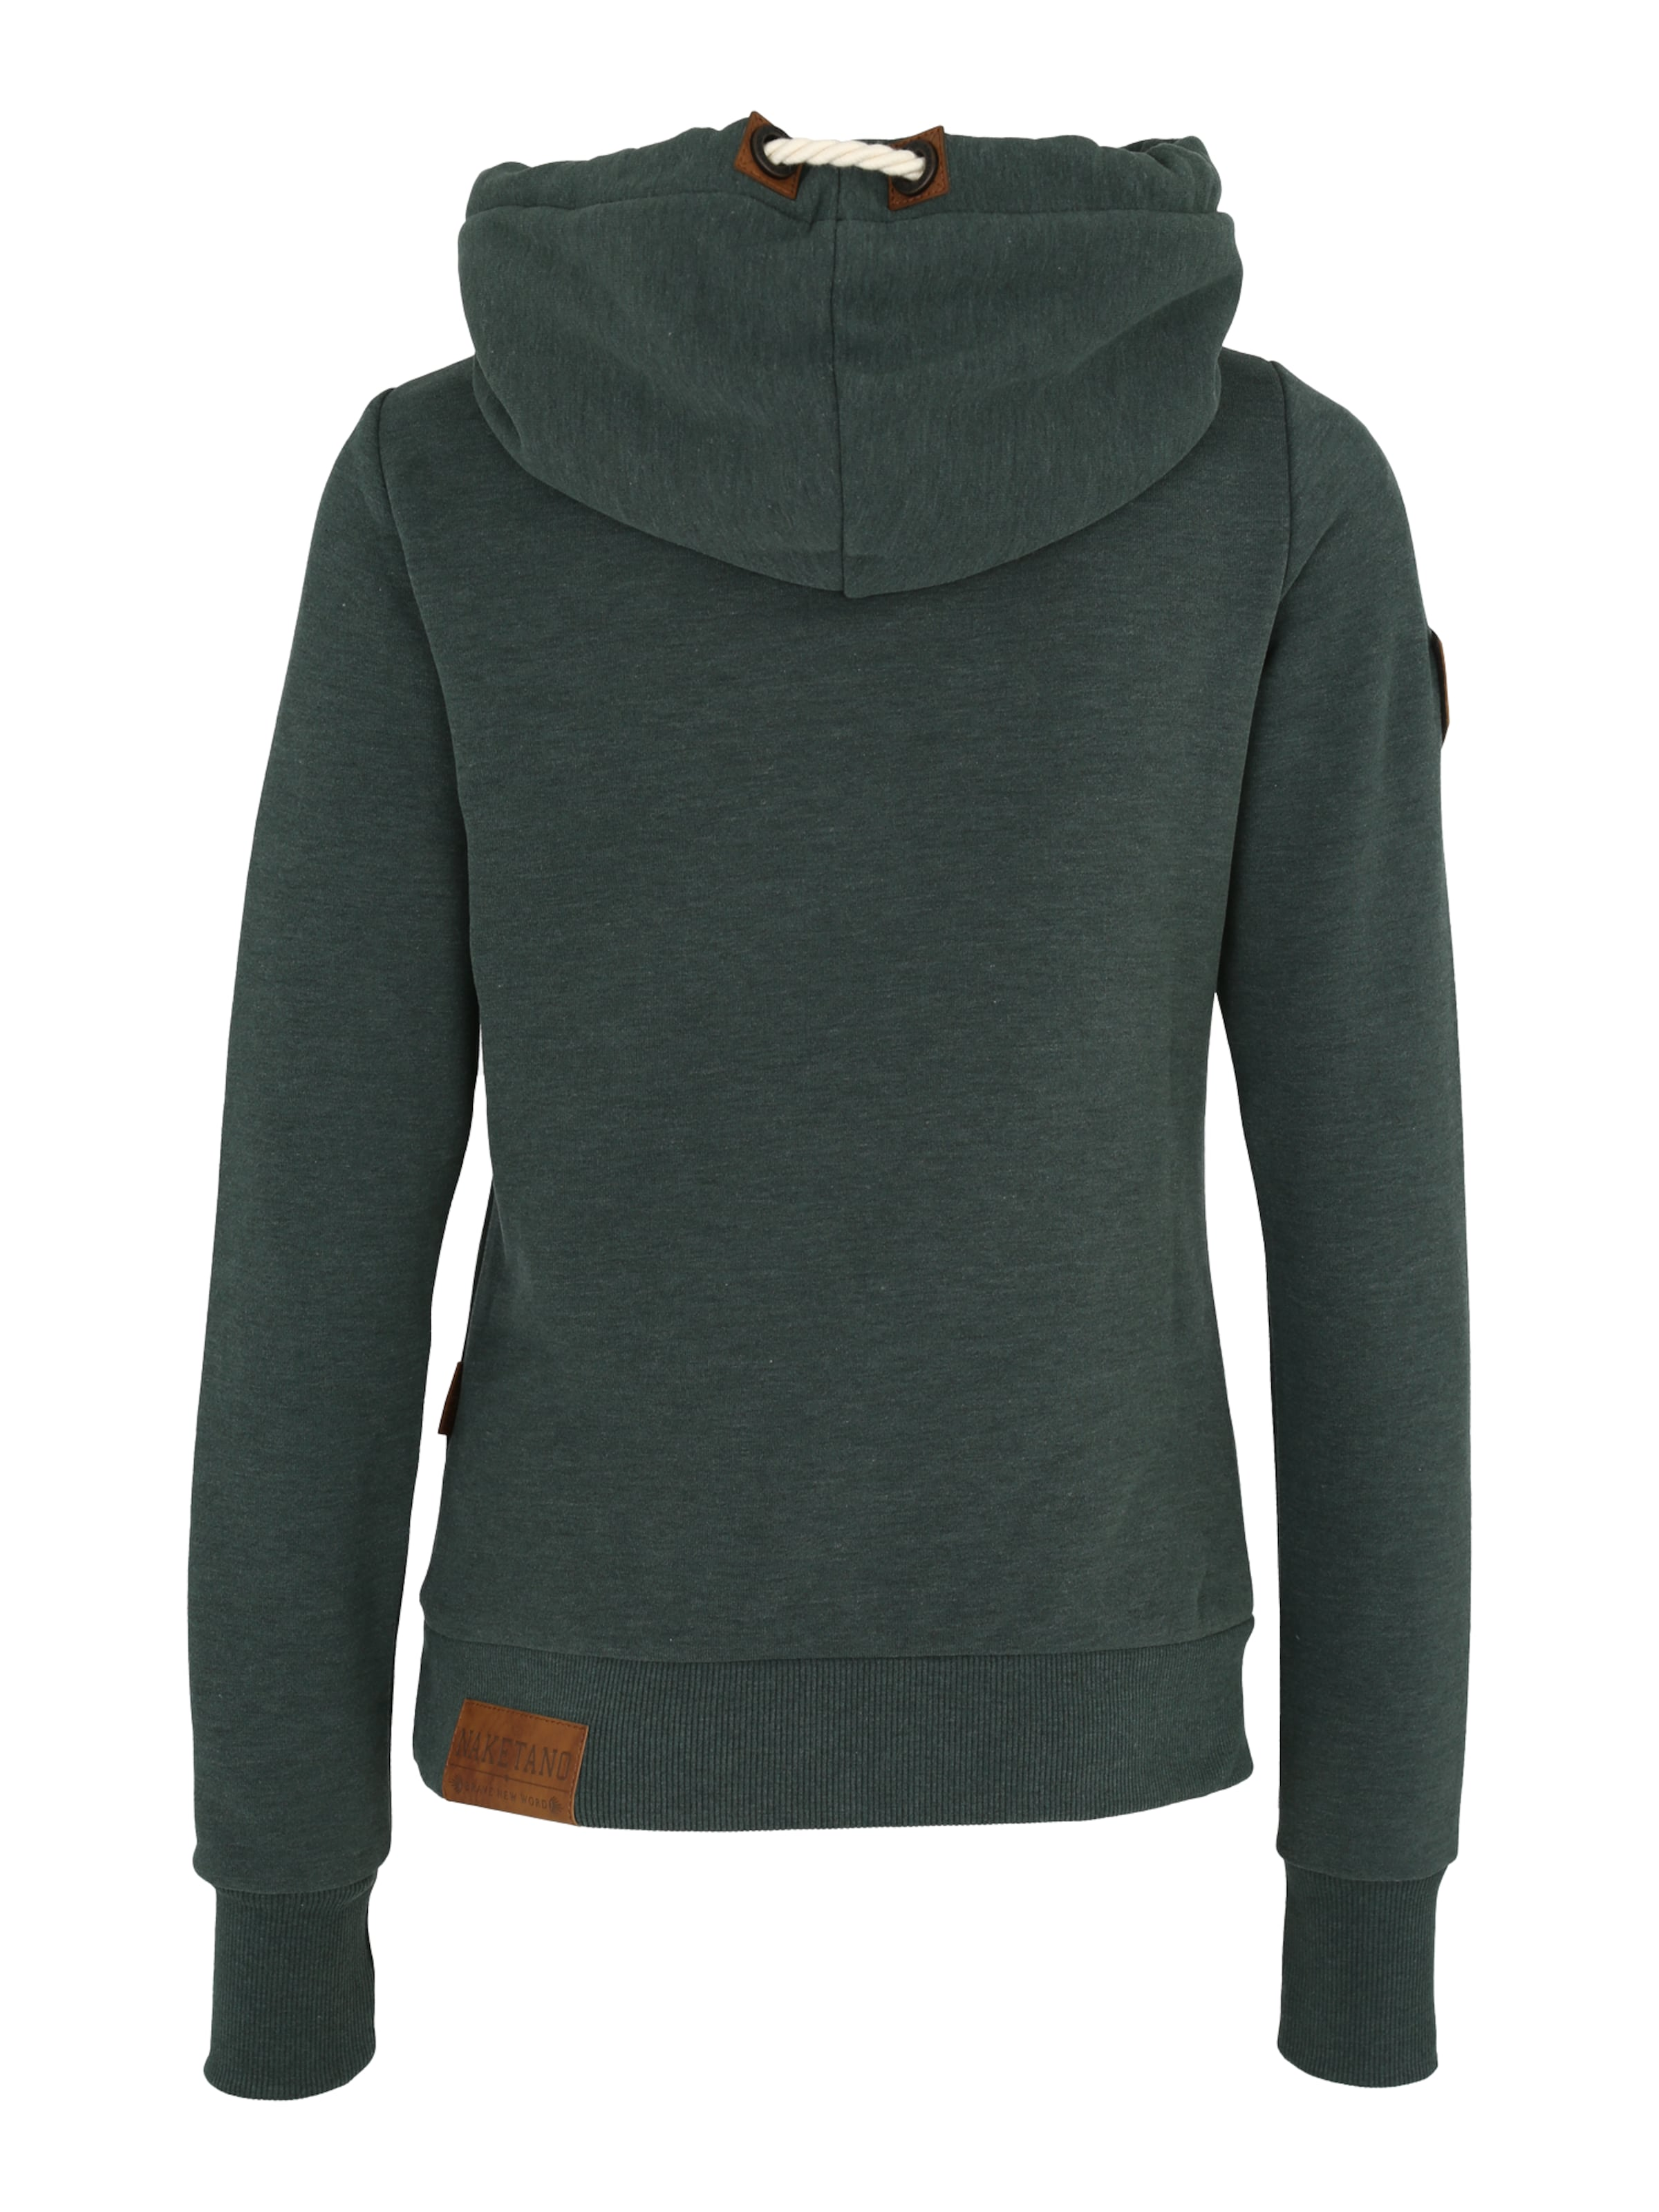 Naketano Naketano Naketano In 'darth' Tanne Sweatshirt Tanne 'darth' Sweatshirt Sweatshirt In In 'darth' wn0m8N